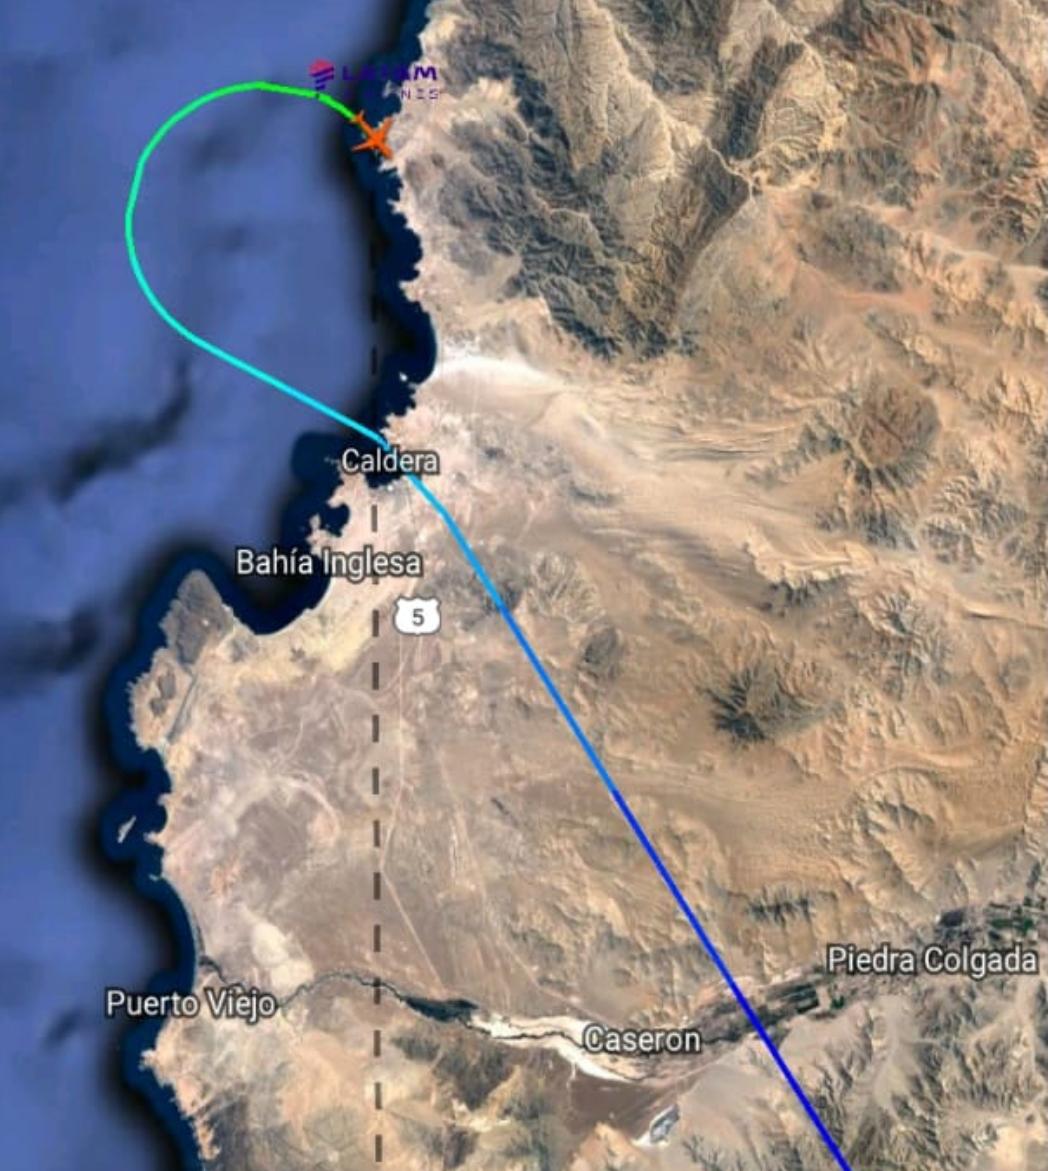 Noticias Chile | Se activa protocolo de aviso de bomba en avión La147 procedente de Calama